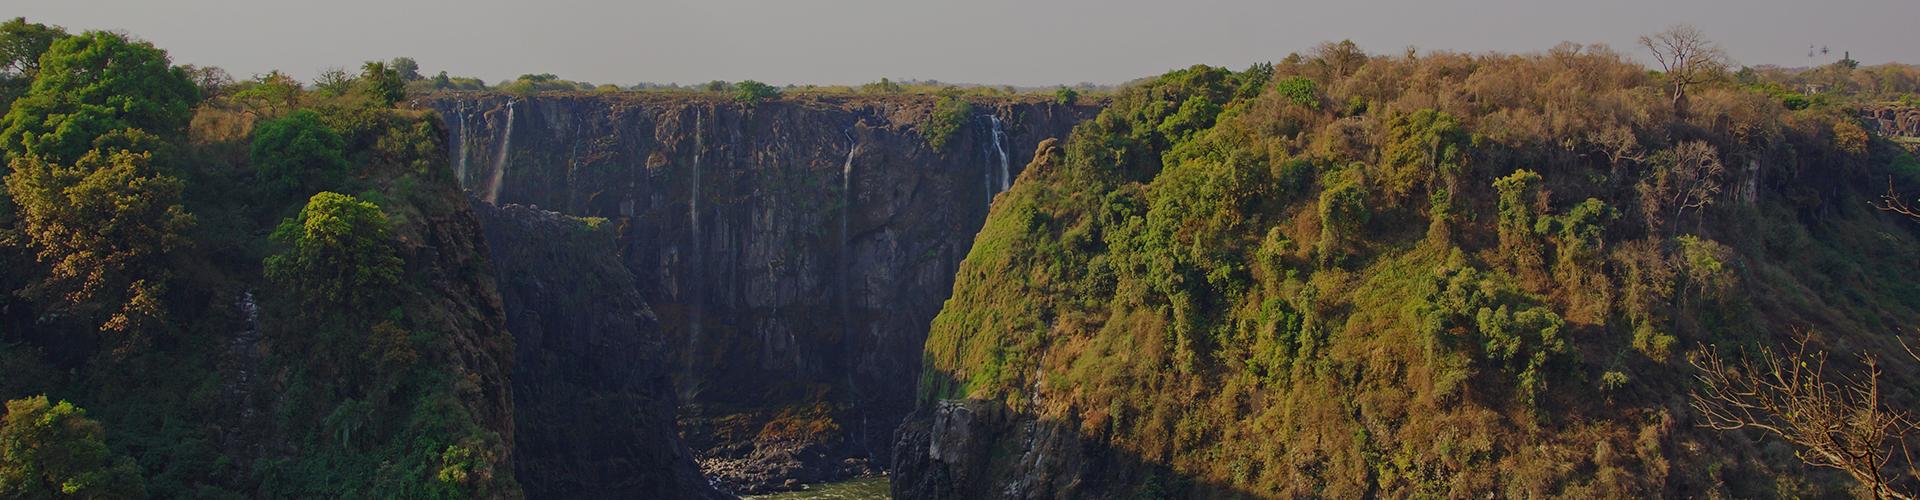 Landmark photograph of Zimbabwe